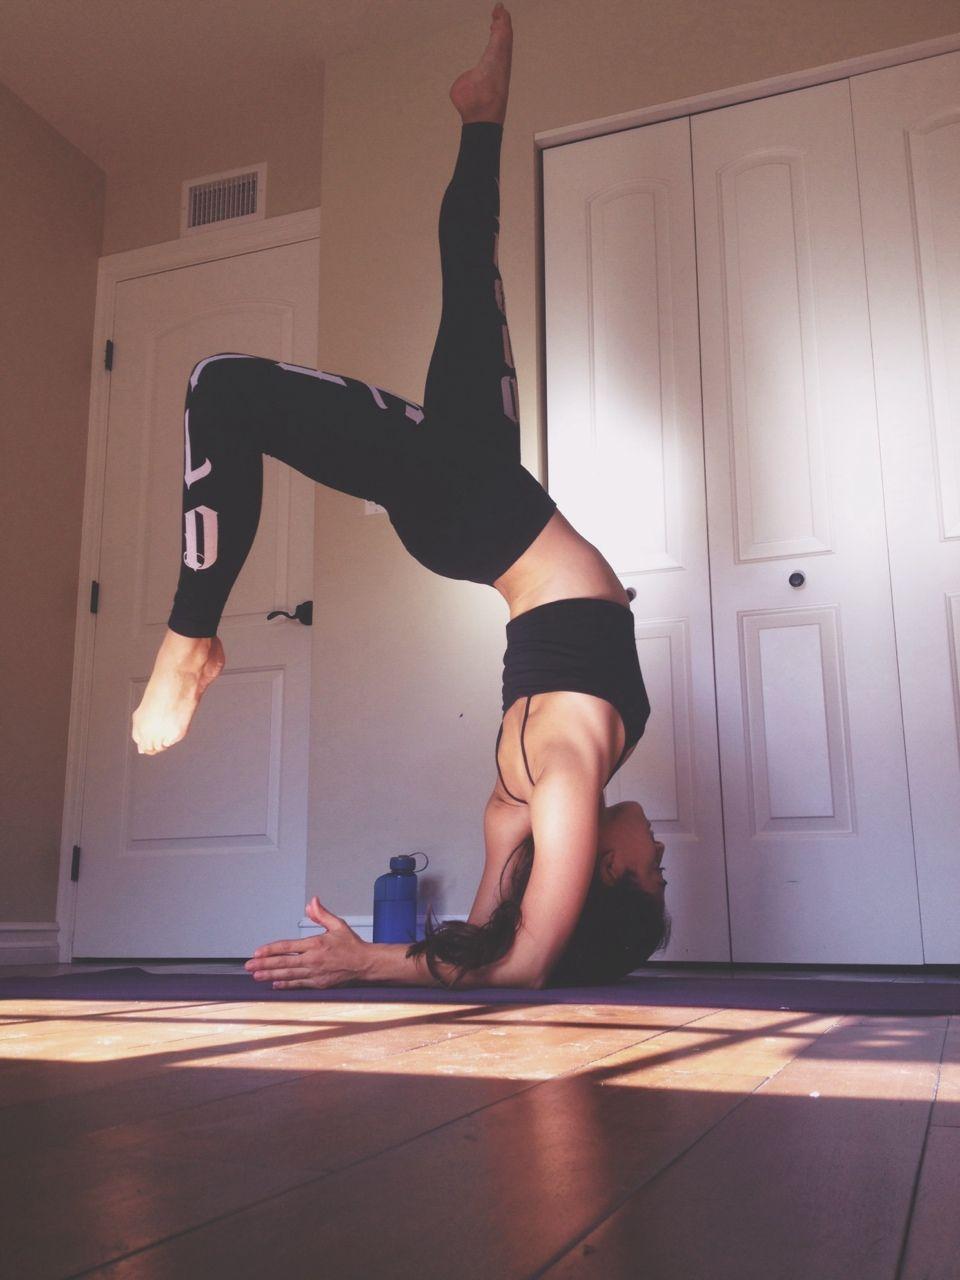 С гимнастками фото 20 фотография